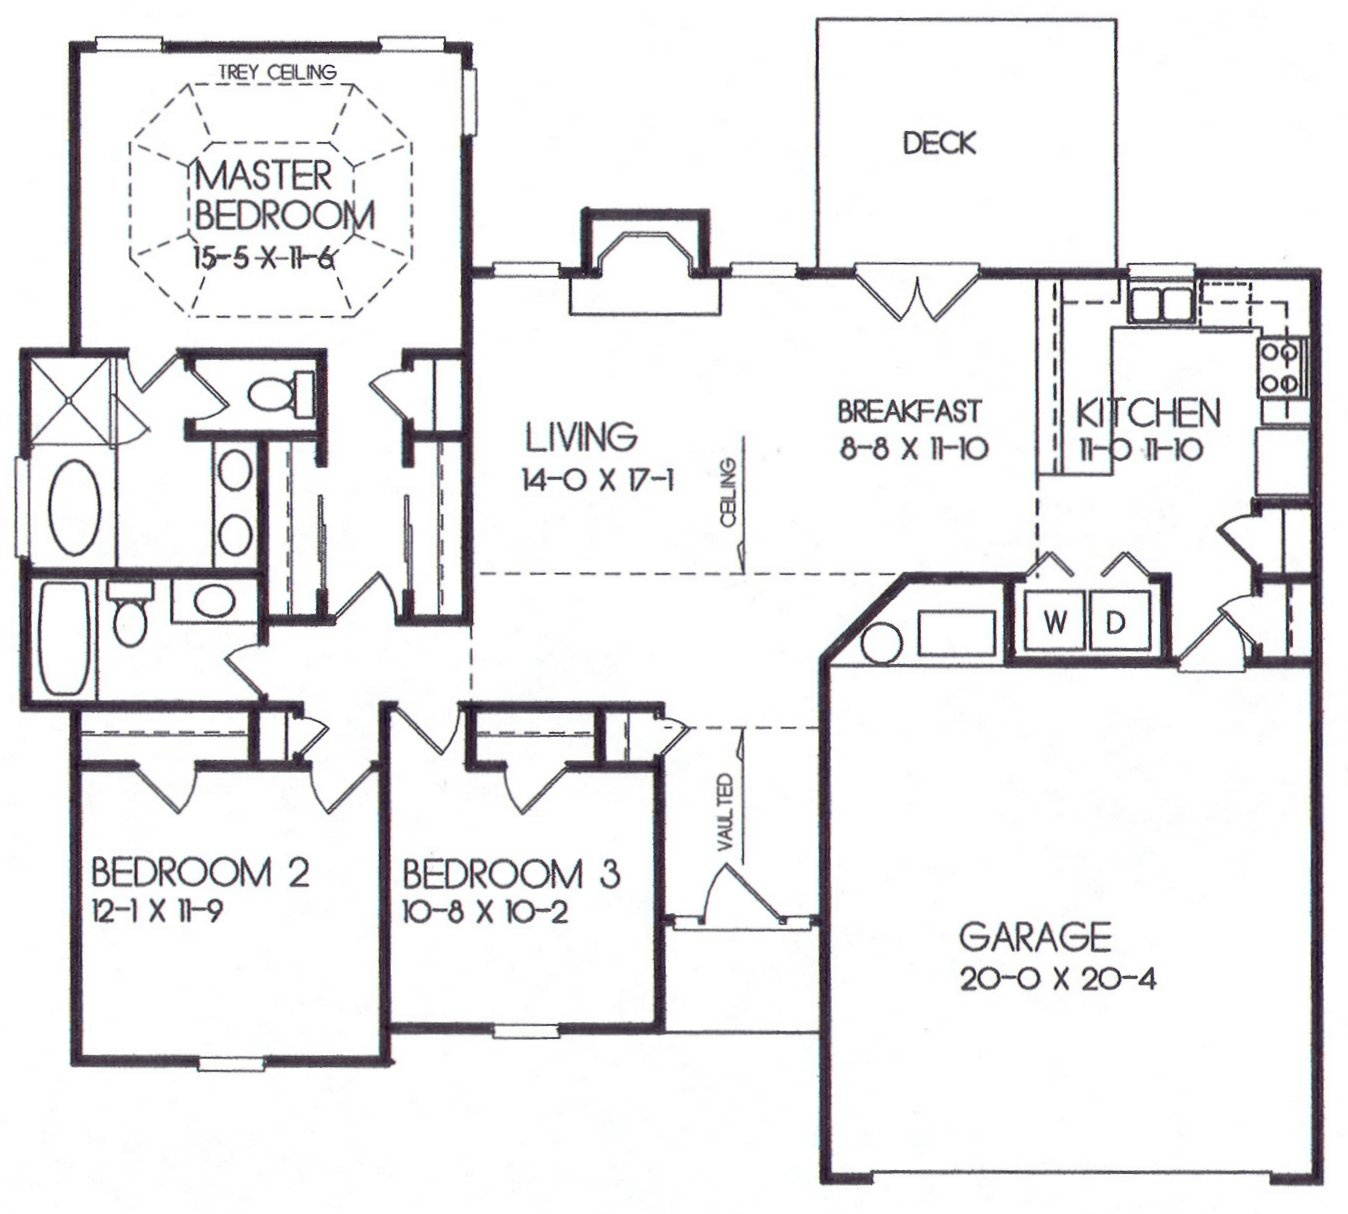 13-32 floor plan